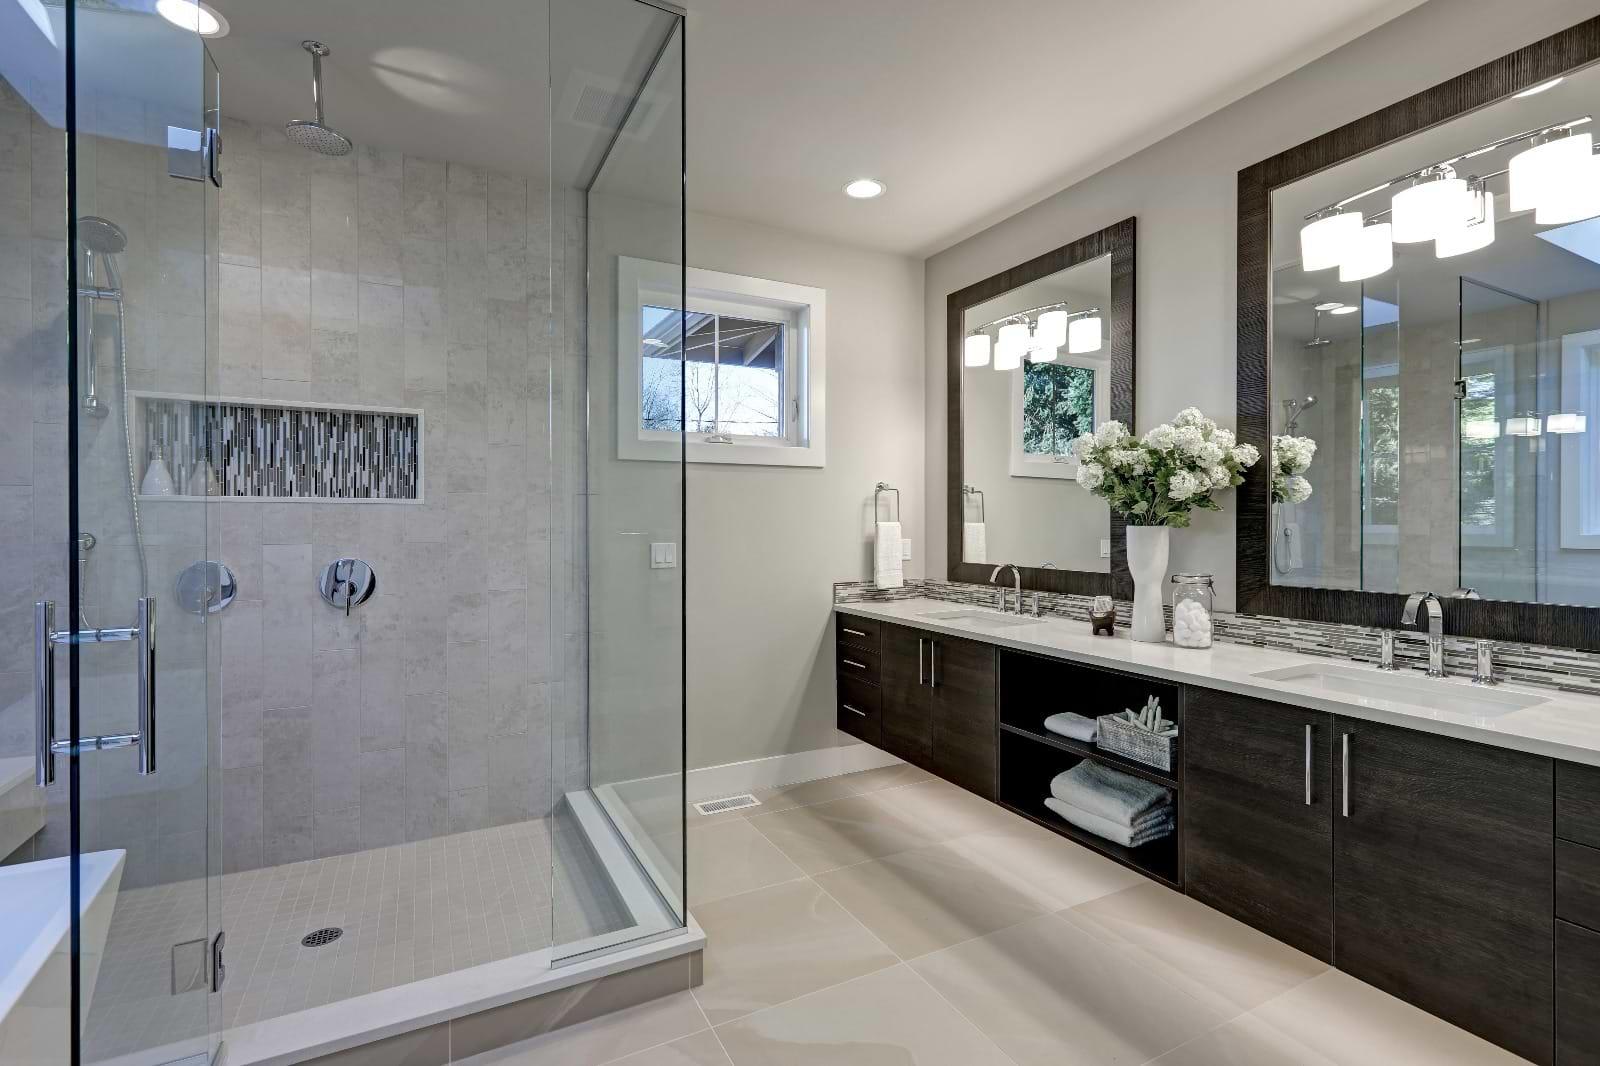 תמונת אוירה מקלחת ארונות חומים